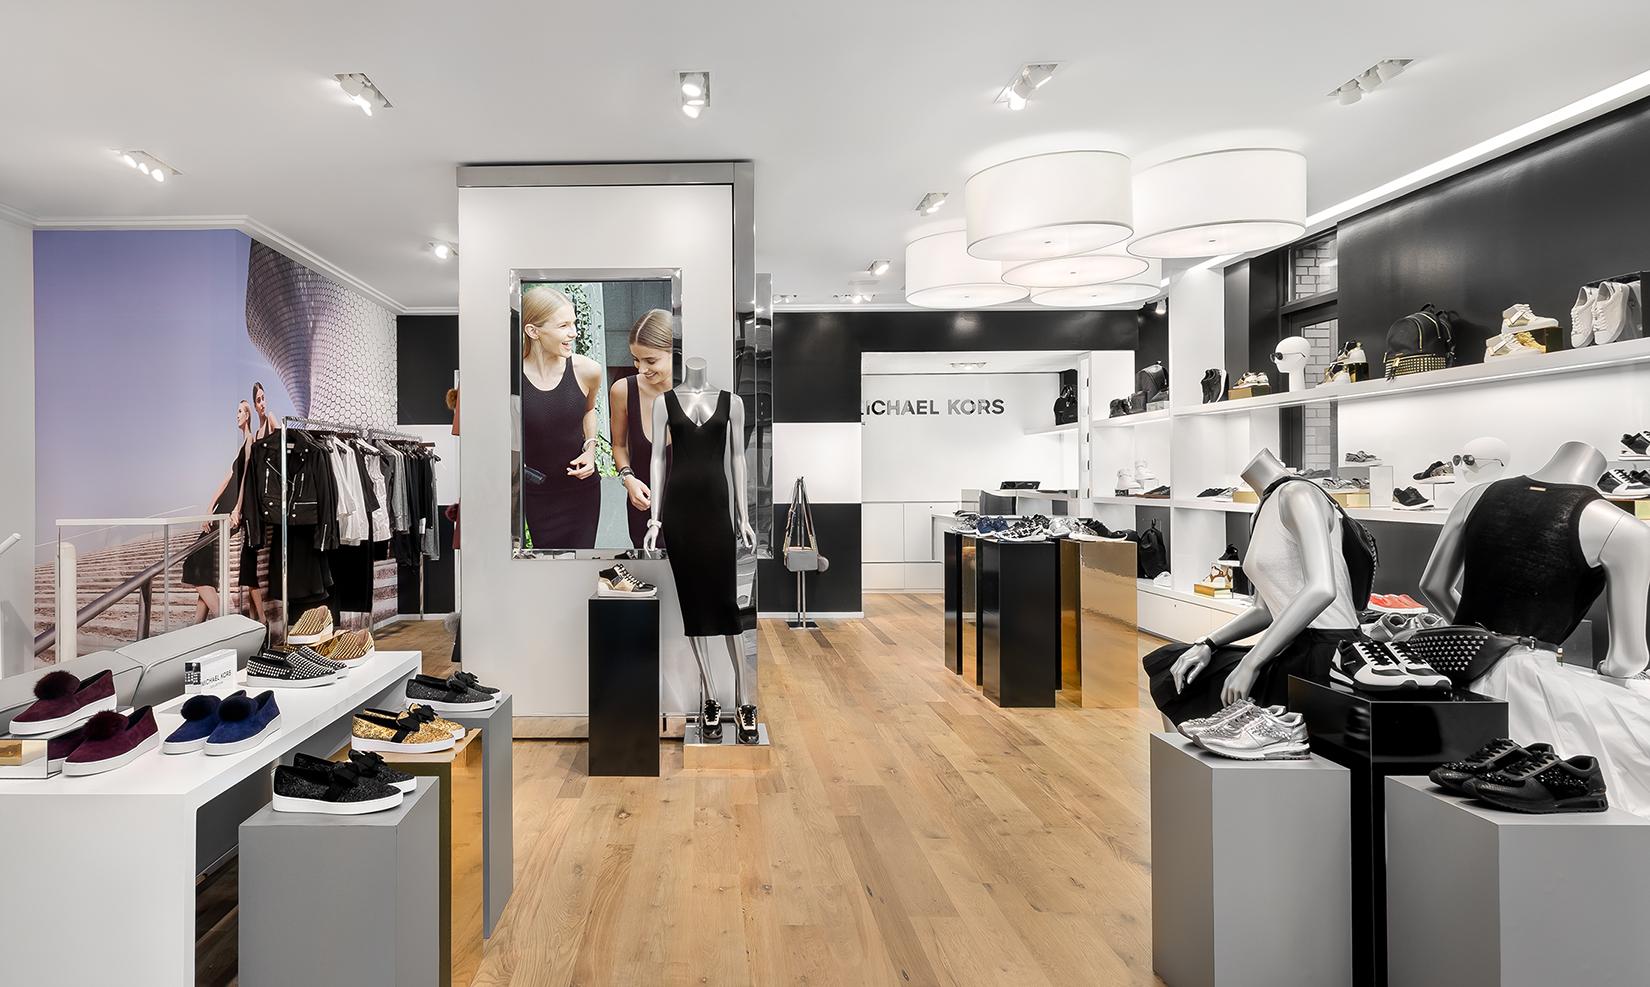 Negozio Michael Kors  il primo store che cambia ogni mese! 414e498d7ee